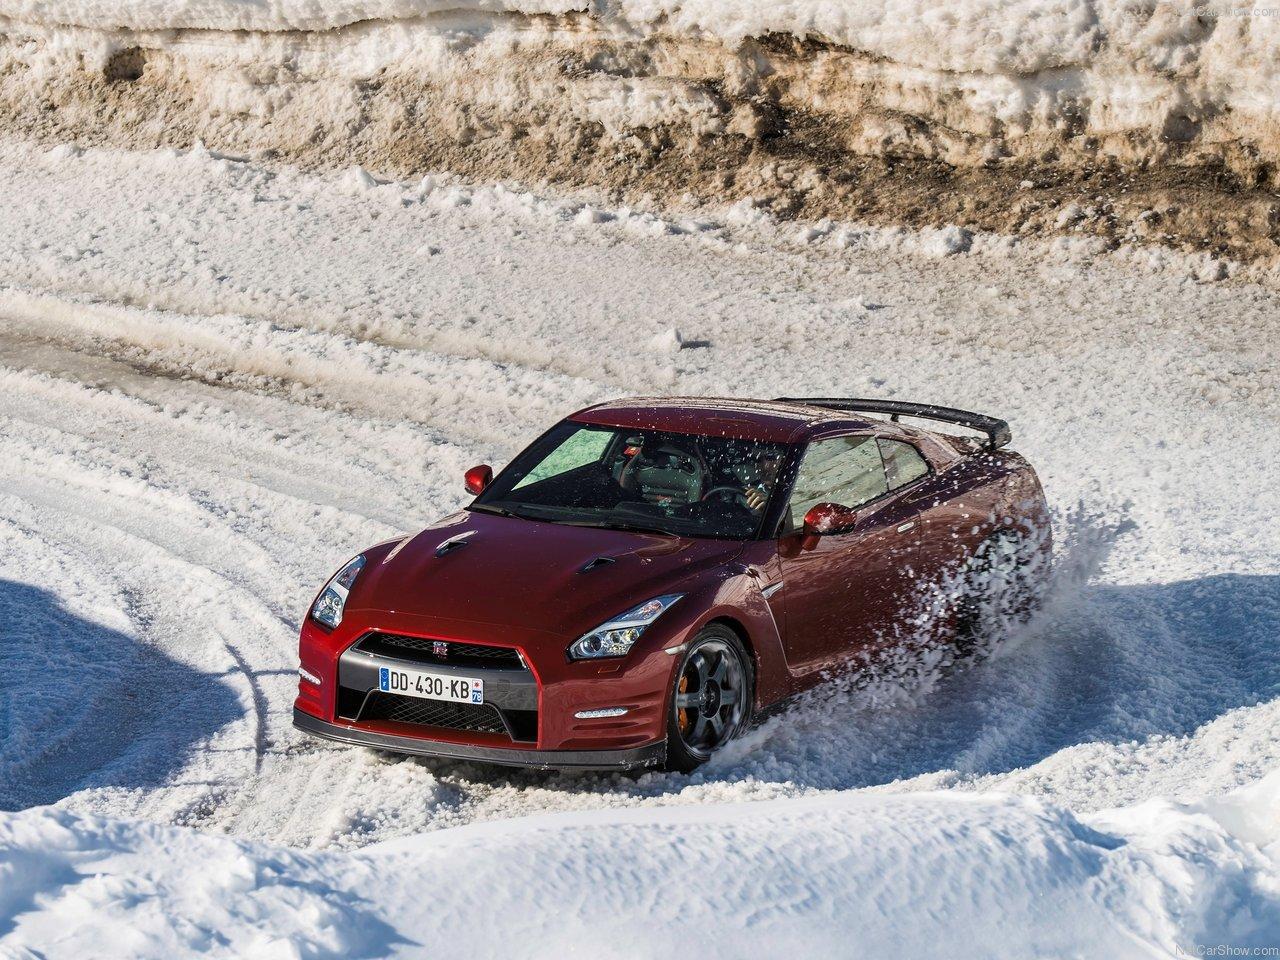 многочисленные предложения фото обои авто в снегу растение